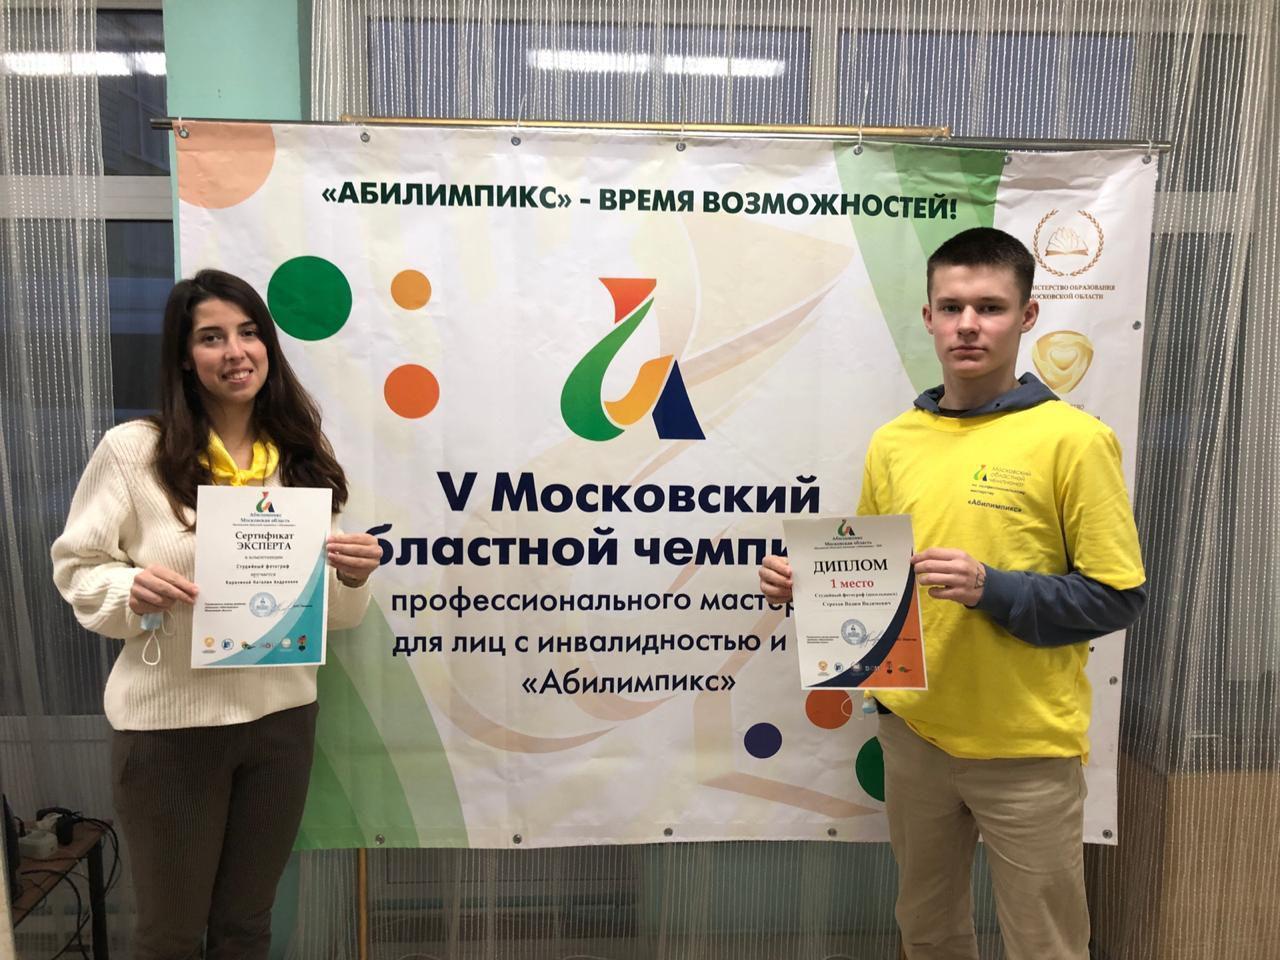 Коломенские школьники показали свои возможности на VI Московском областном чемпионате «Абилимпикс 2020»